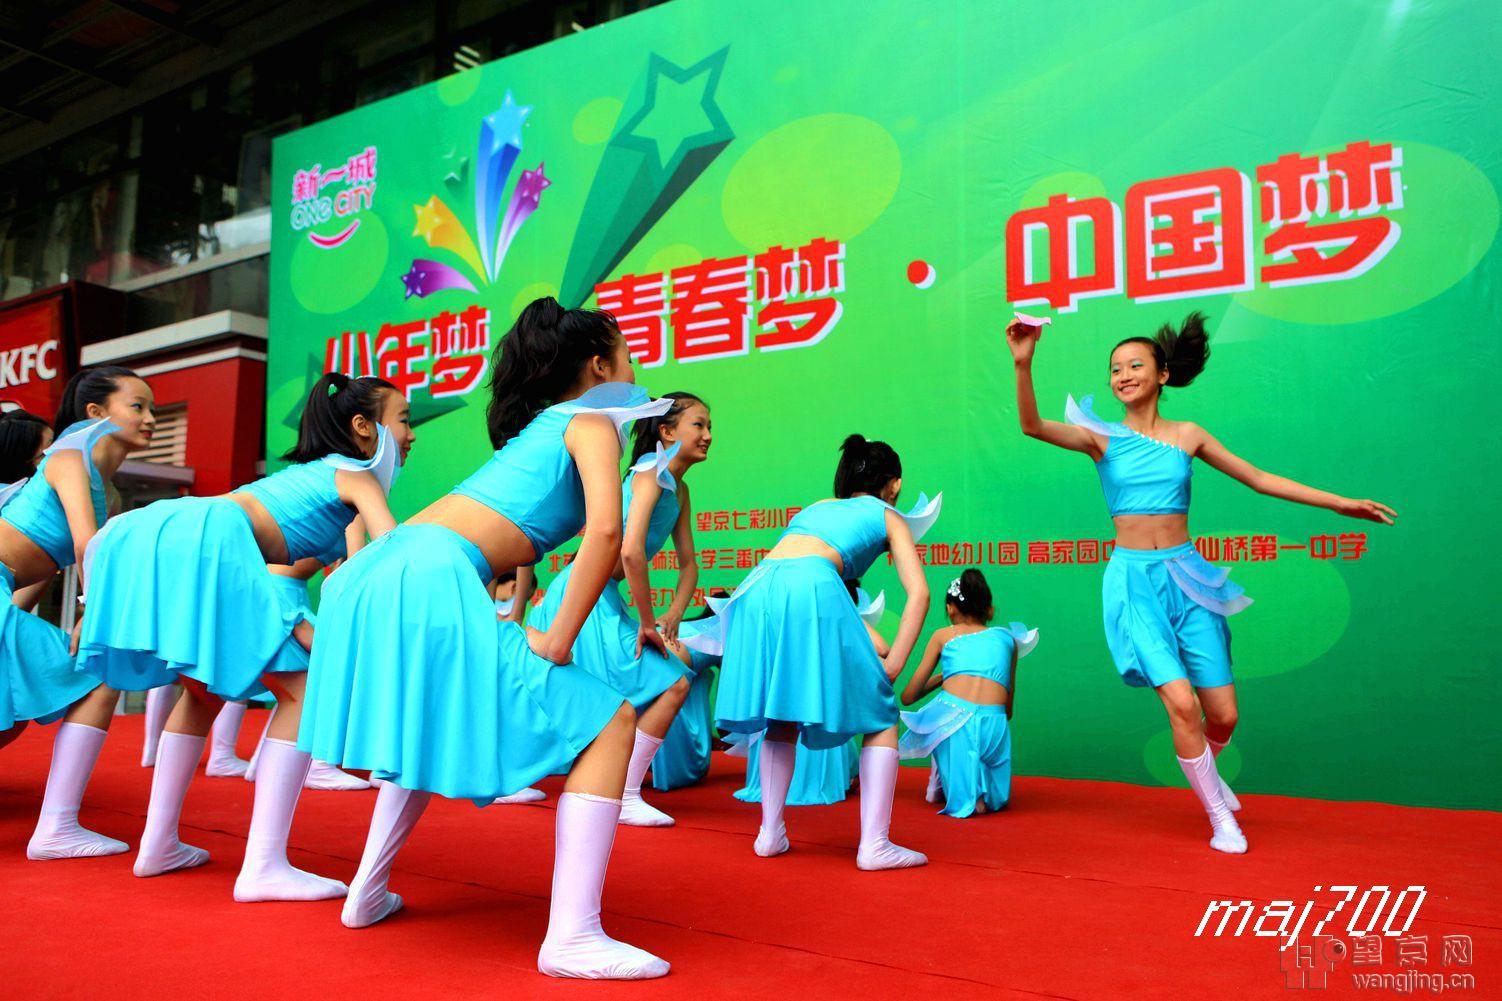 《少年梦-青春梦-中国梦》之演出篇1